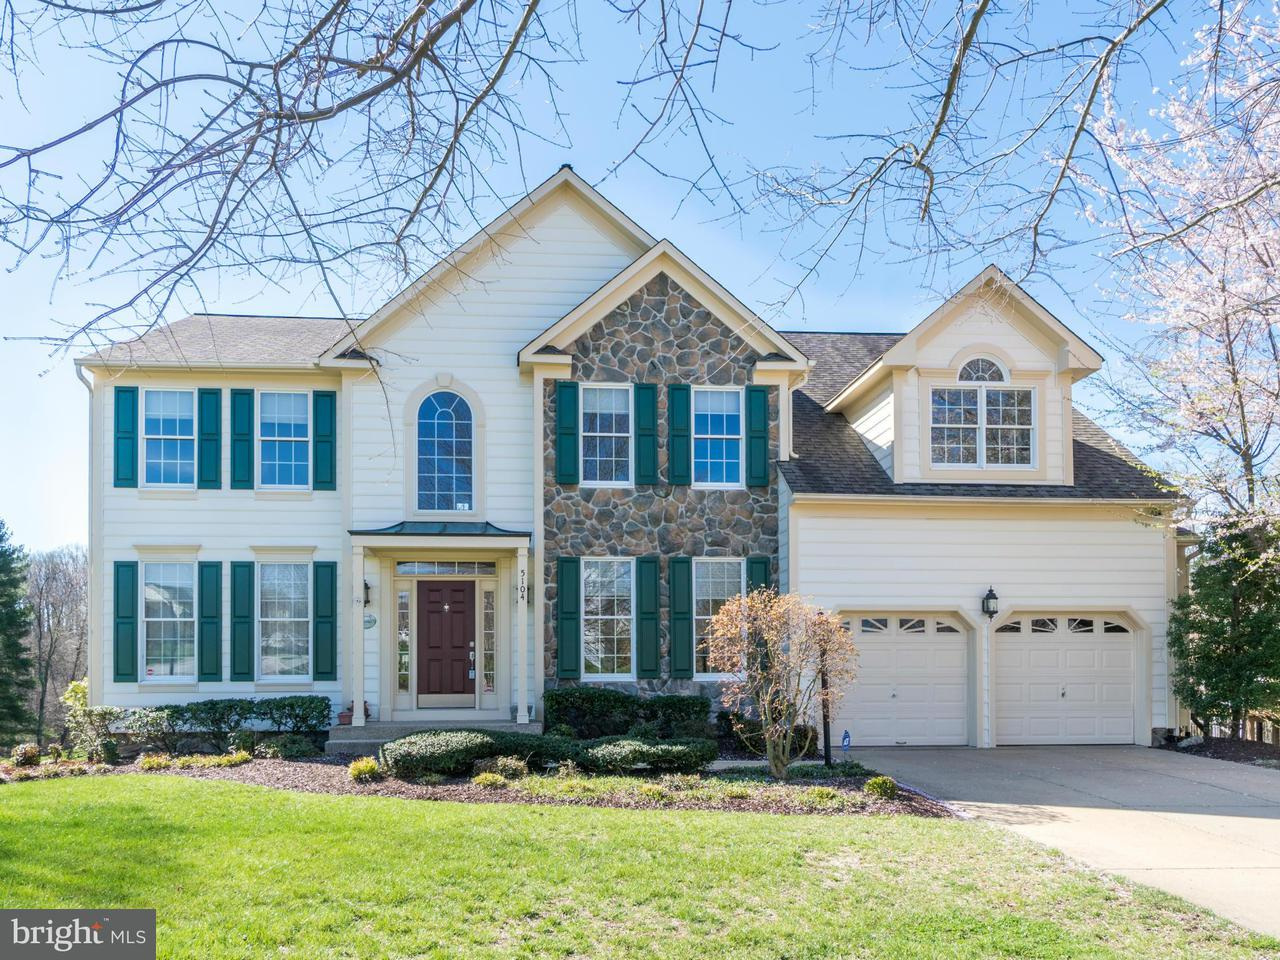 Maison unifamiliale pour l Vente à 5104 JERICHO Road 5104 JERICHO Road Columbia, Maryland 21044 États-Unis